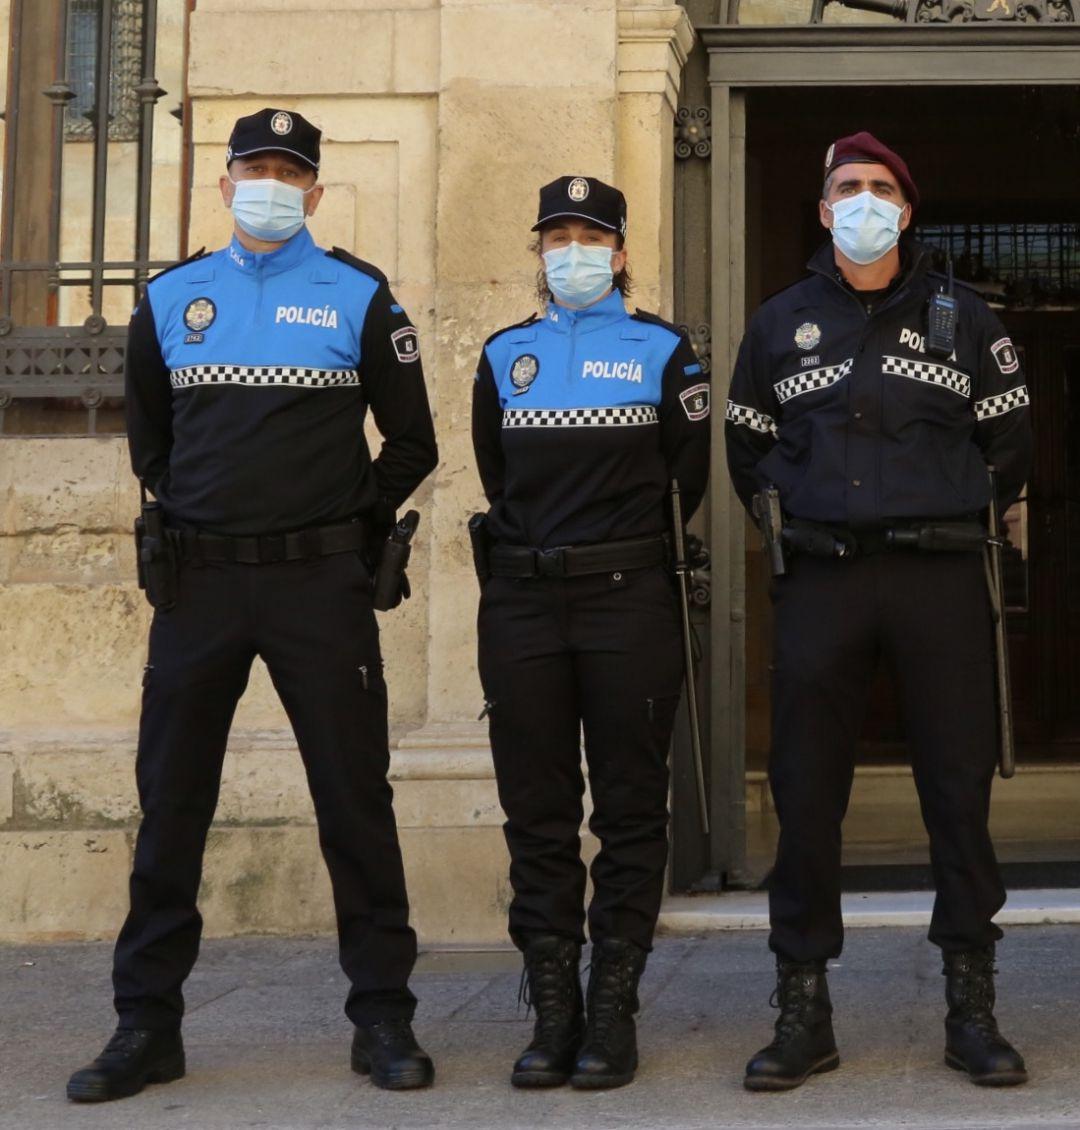 La Policía Local Estrena Indumentaria Con Materiales Reciclados Y Sostenibles Radio León Actualidad Cadena Ser